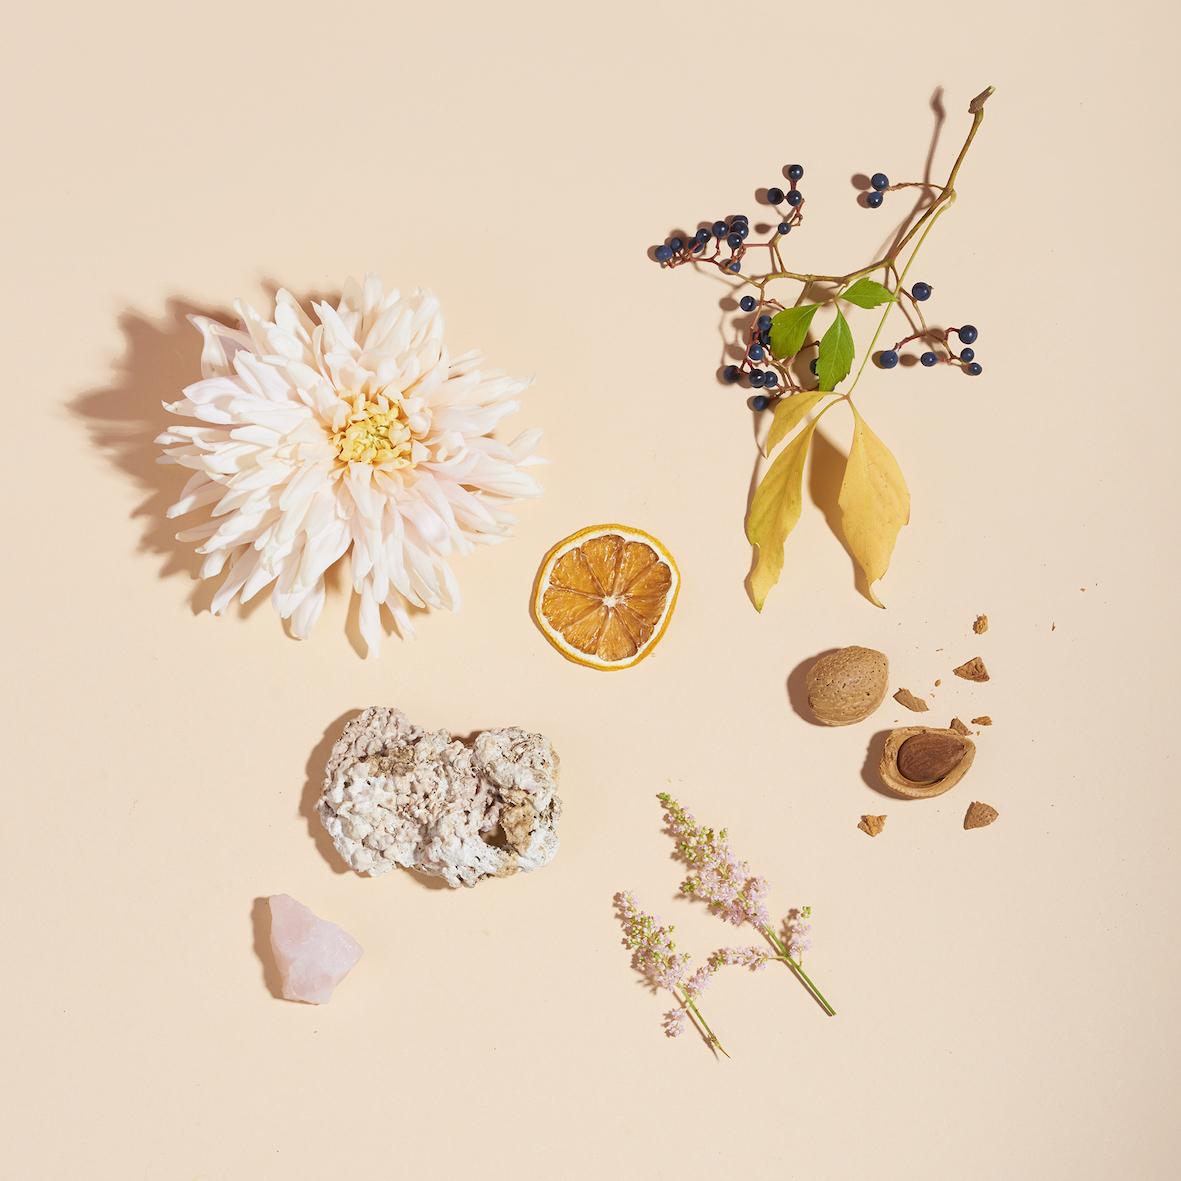 Moodbild von Lovely Day mit Blumen und Früchten